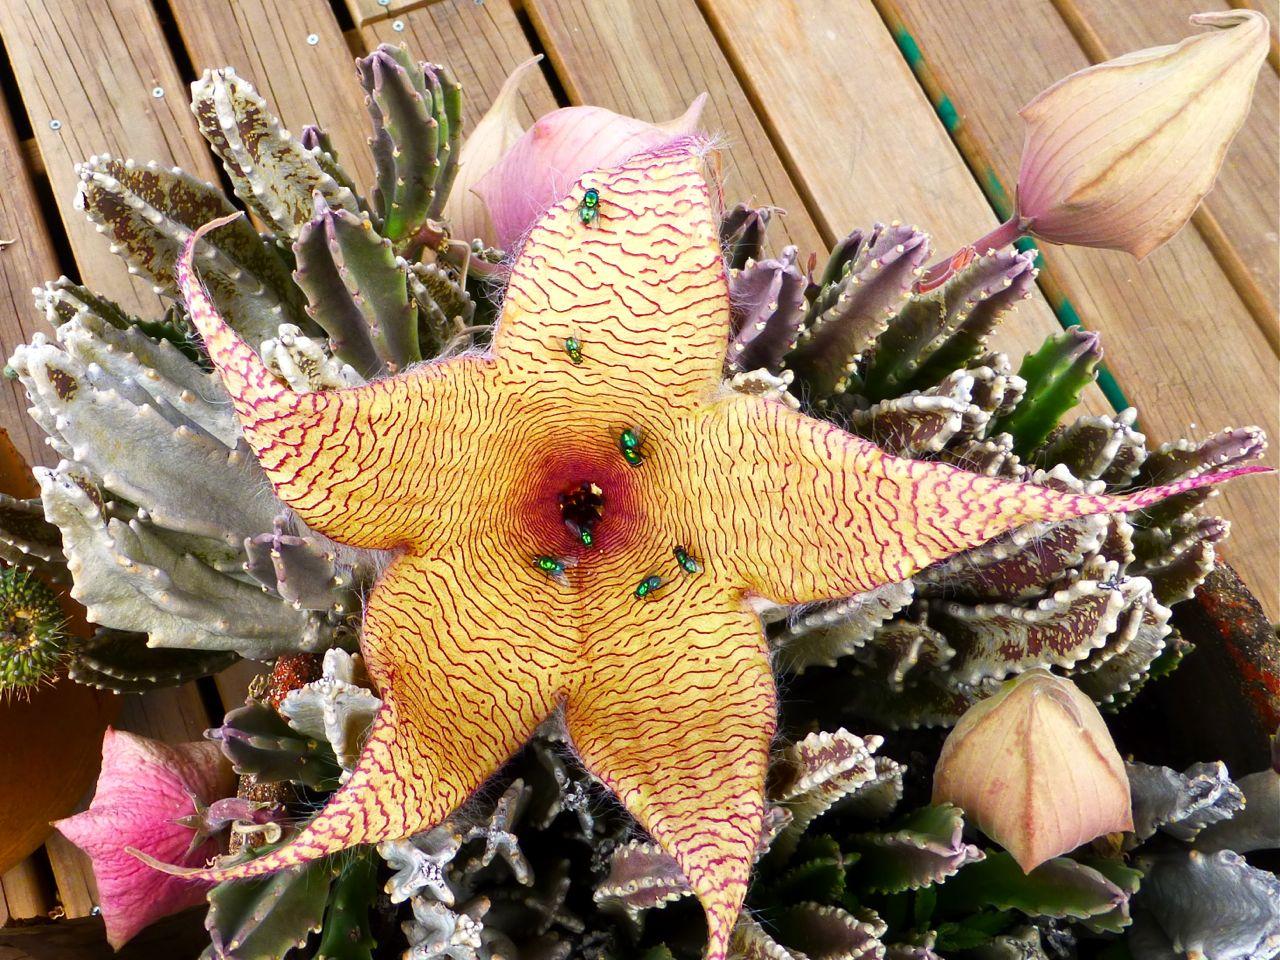 Stapelia gigantea open flower with 7 green bottle flies